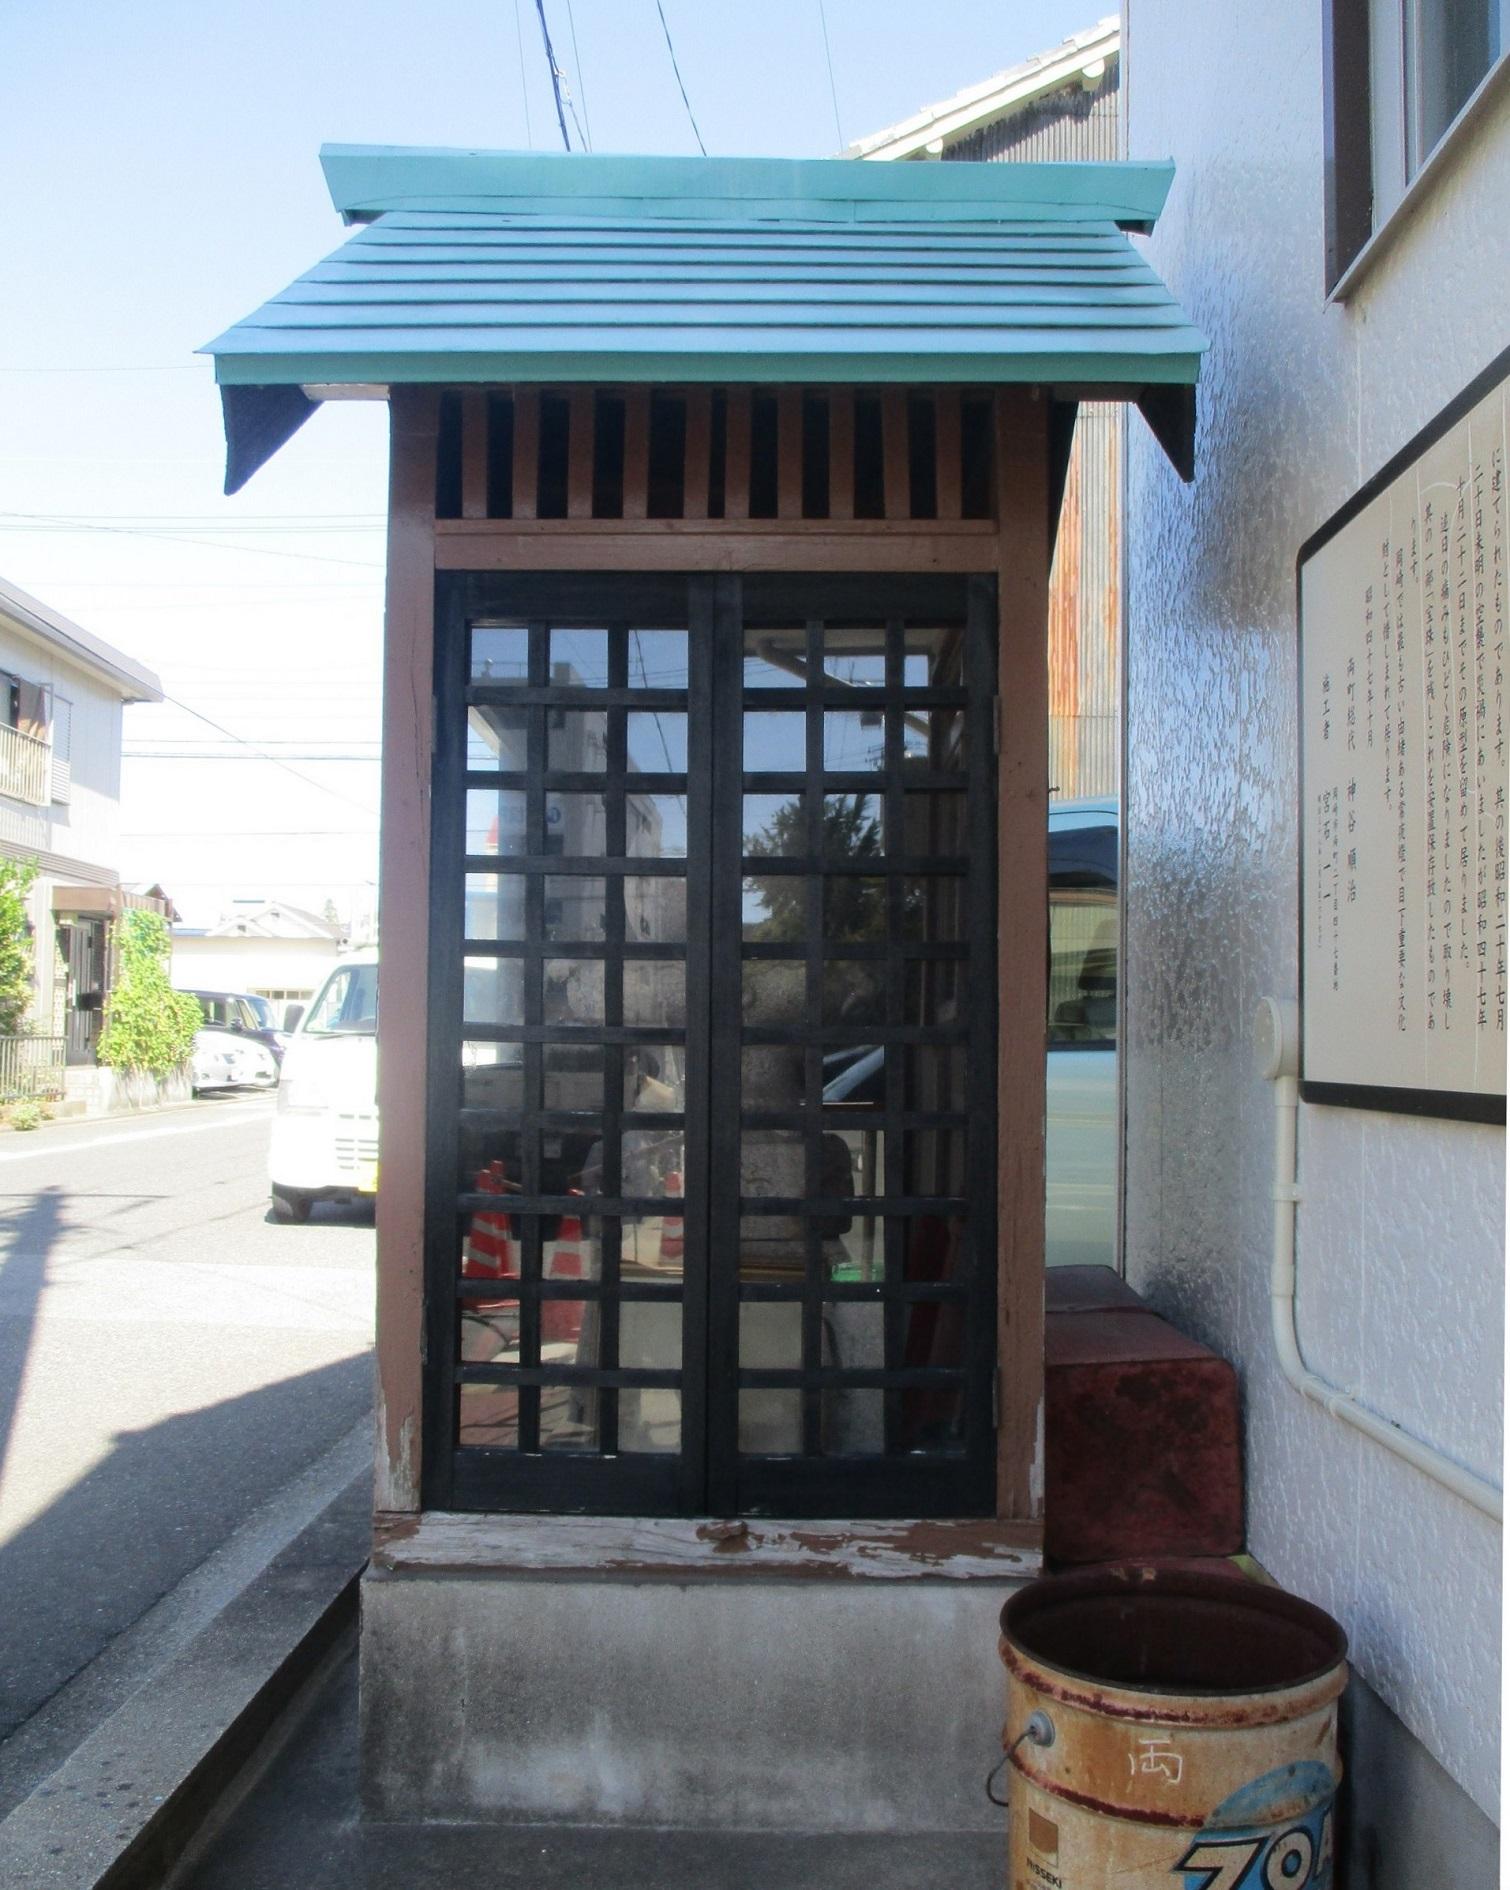 2019.10.9 (27) 両町常夜灯(みなみから) 1510-1890